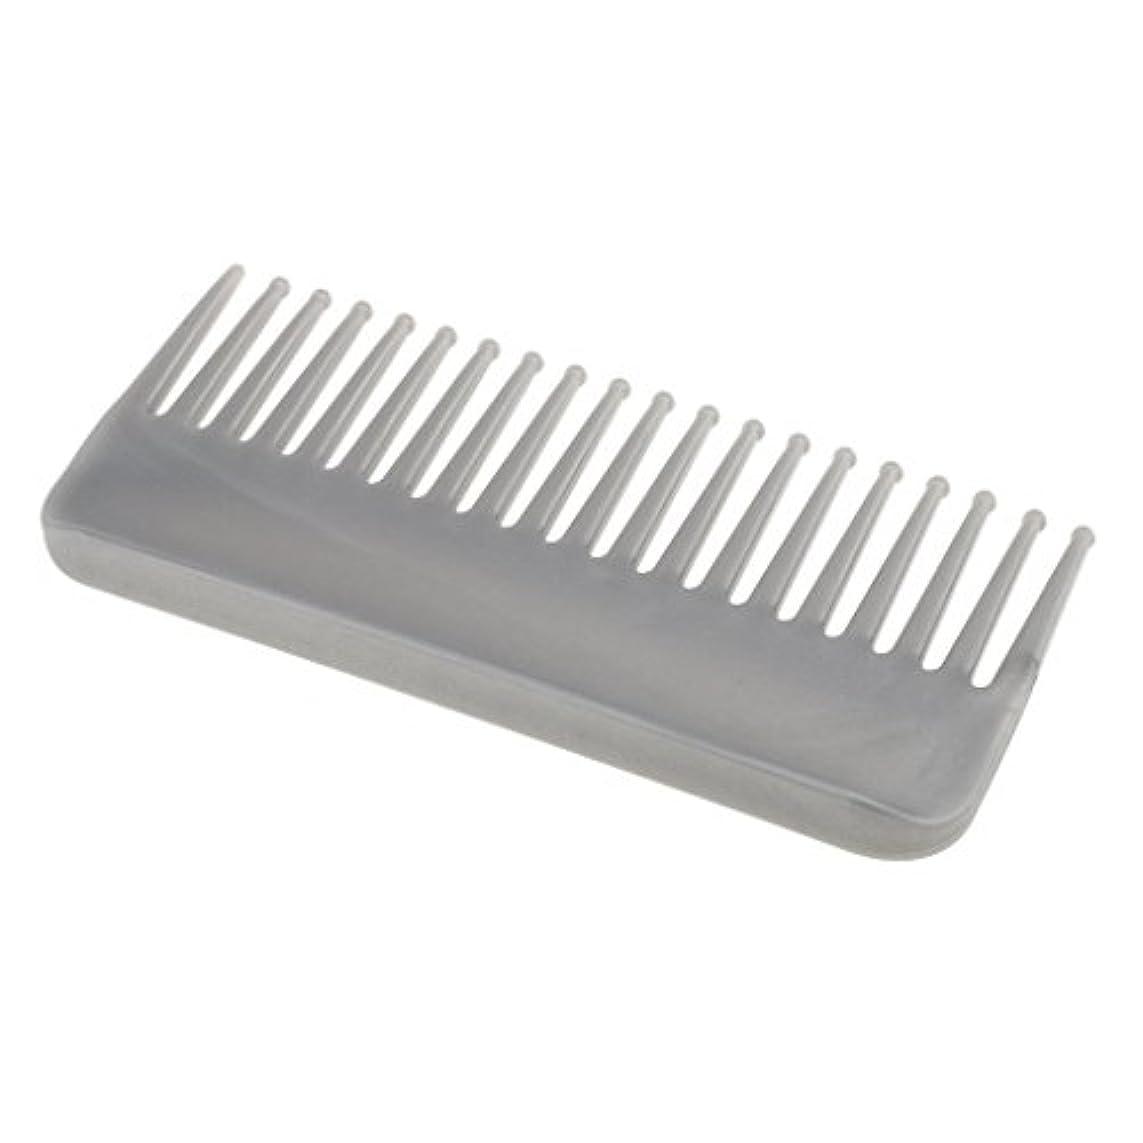 フレッシュ昼食実現可能CUTICATE プラスチック製の絡みのない広い歯のヘアブラシサロンヘアケアマッサージツール